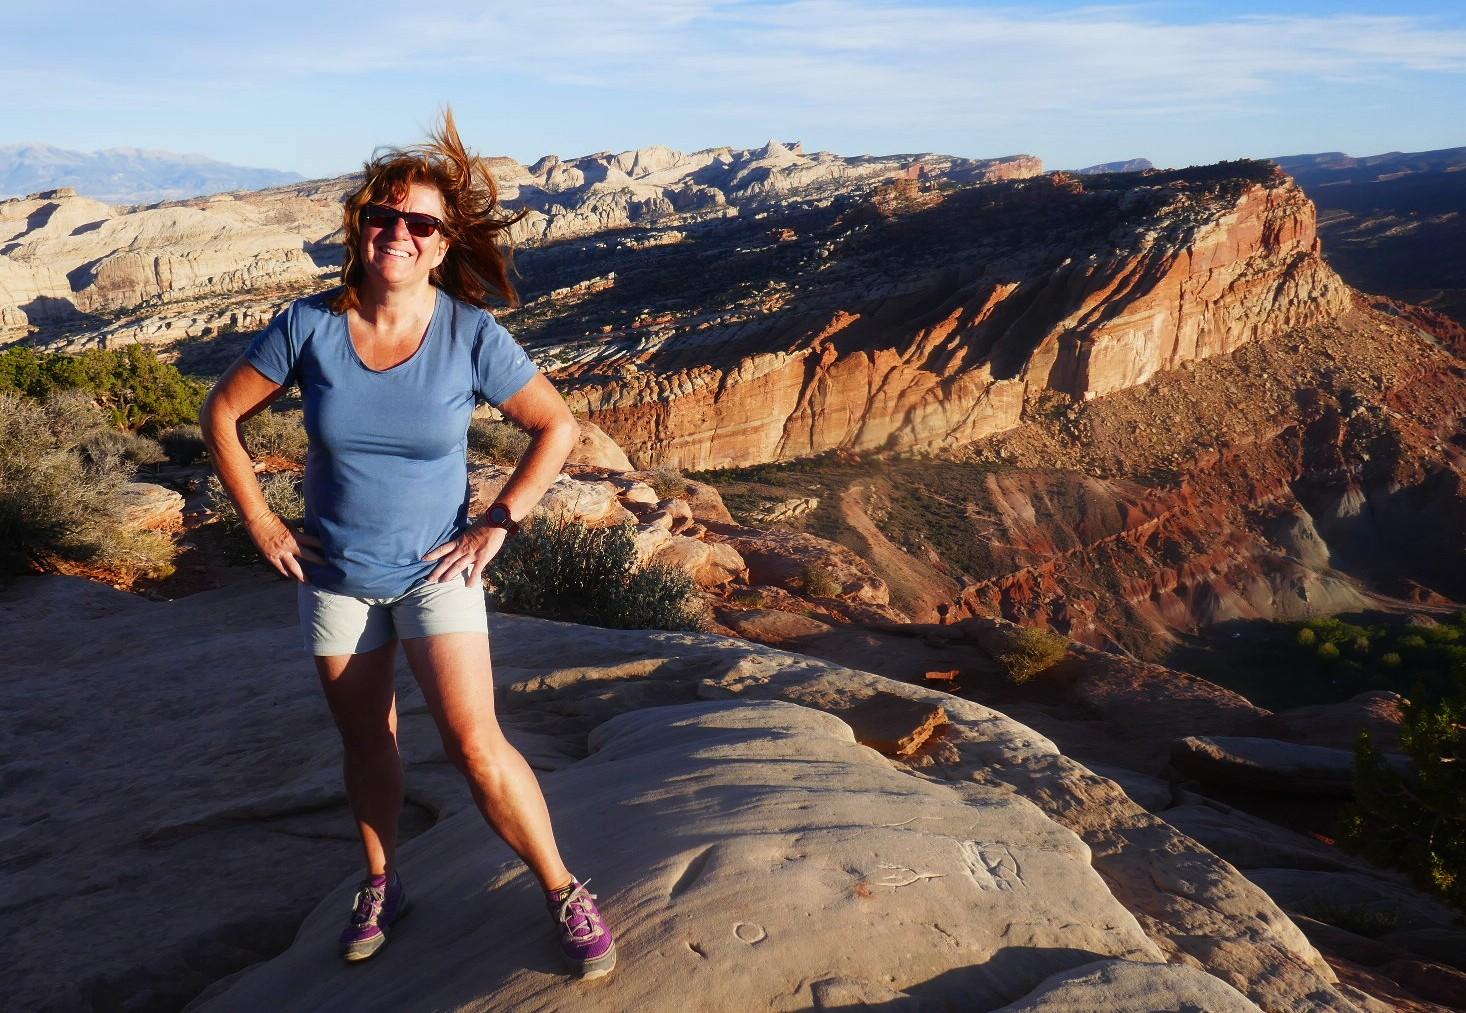 Le sommet navajo trail , cheveux au vent